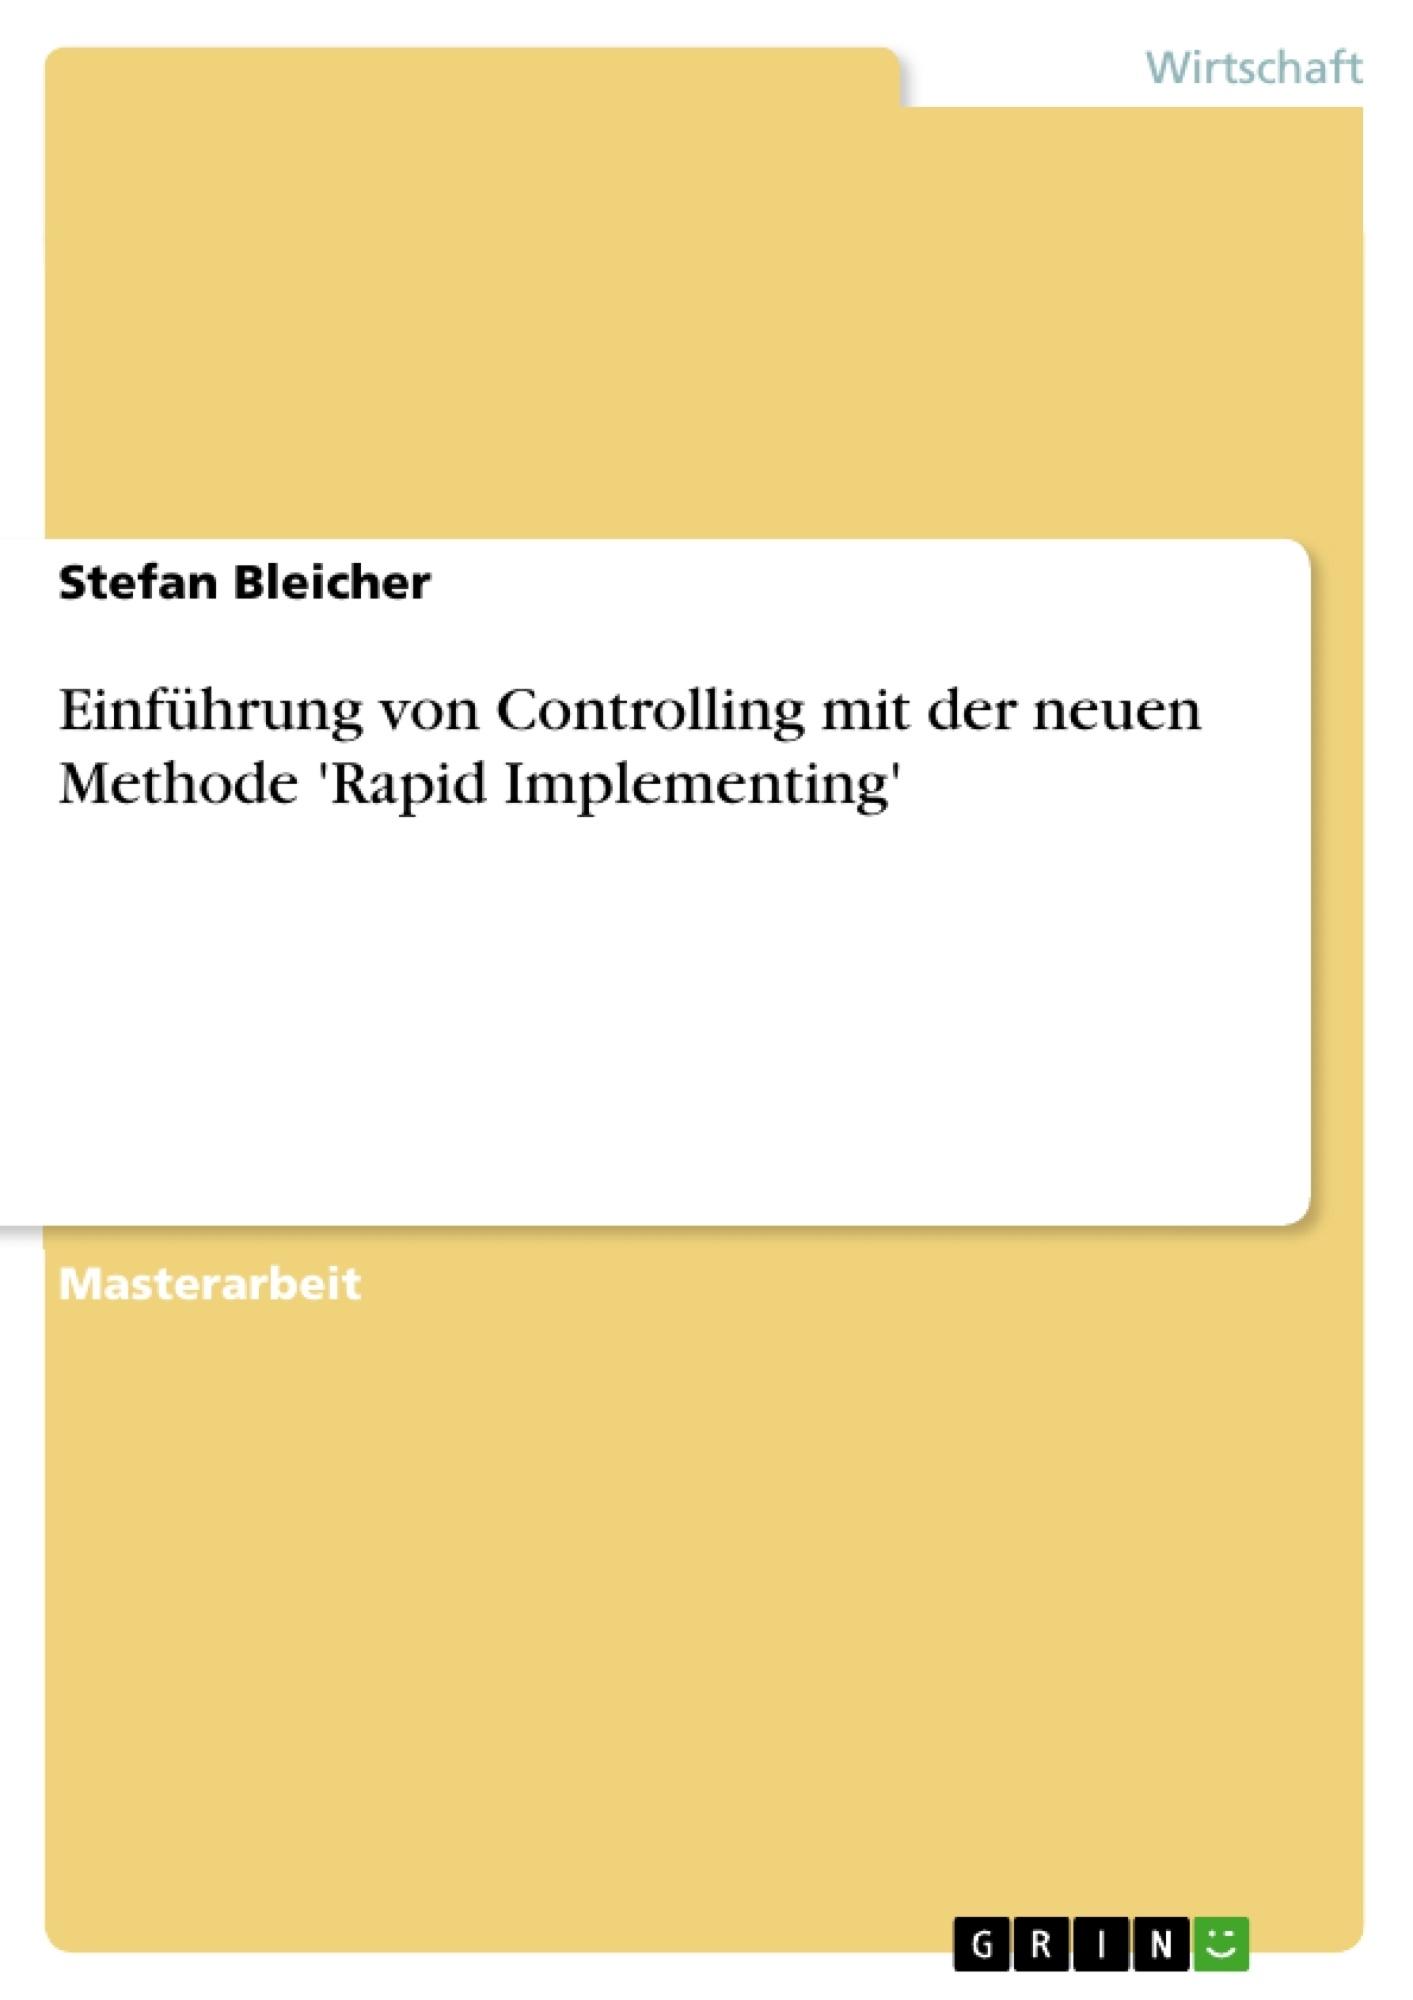 Titel: Einführung von Controlling mit der neuen Methode 'Rapid Implementing'